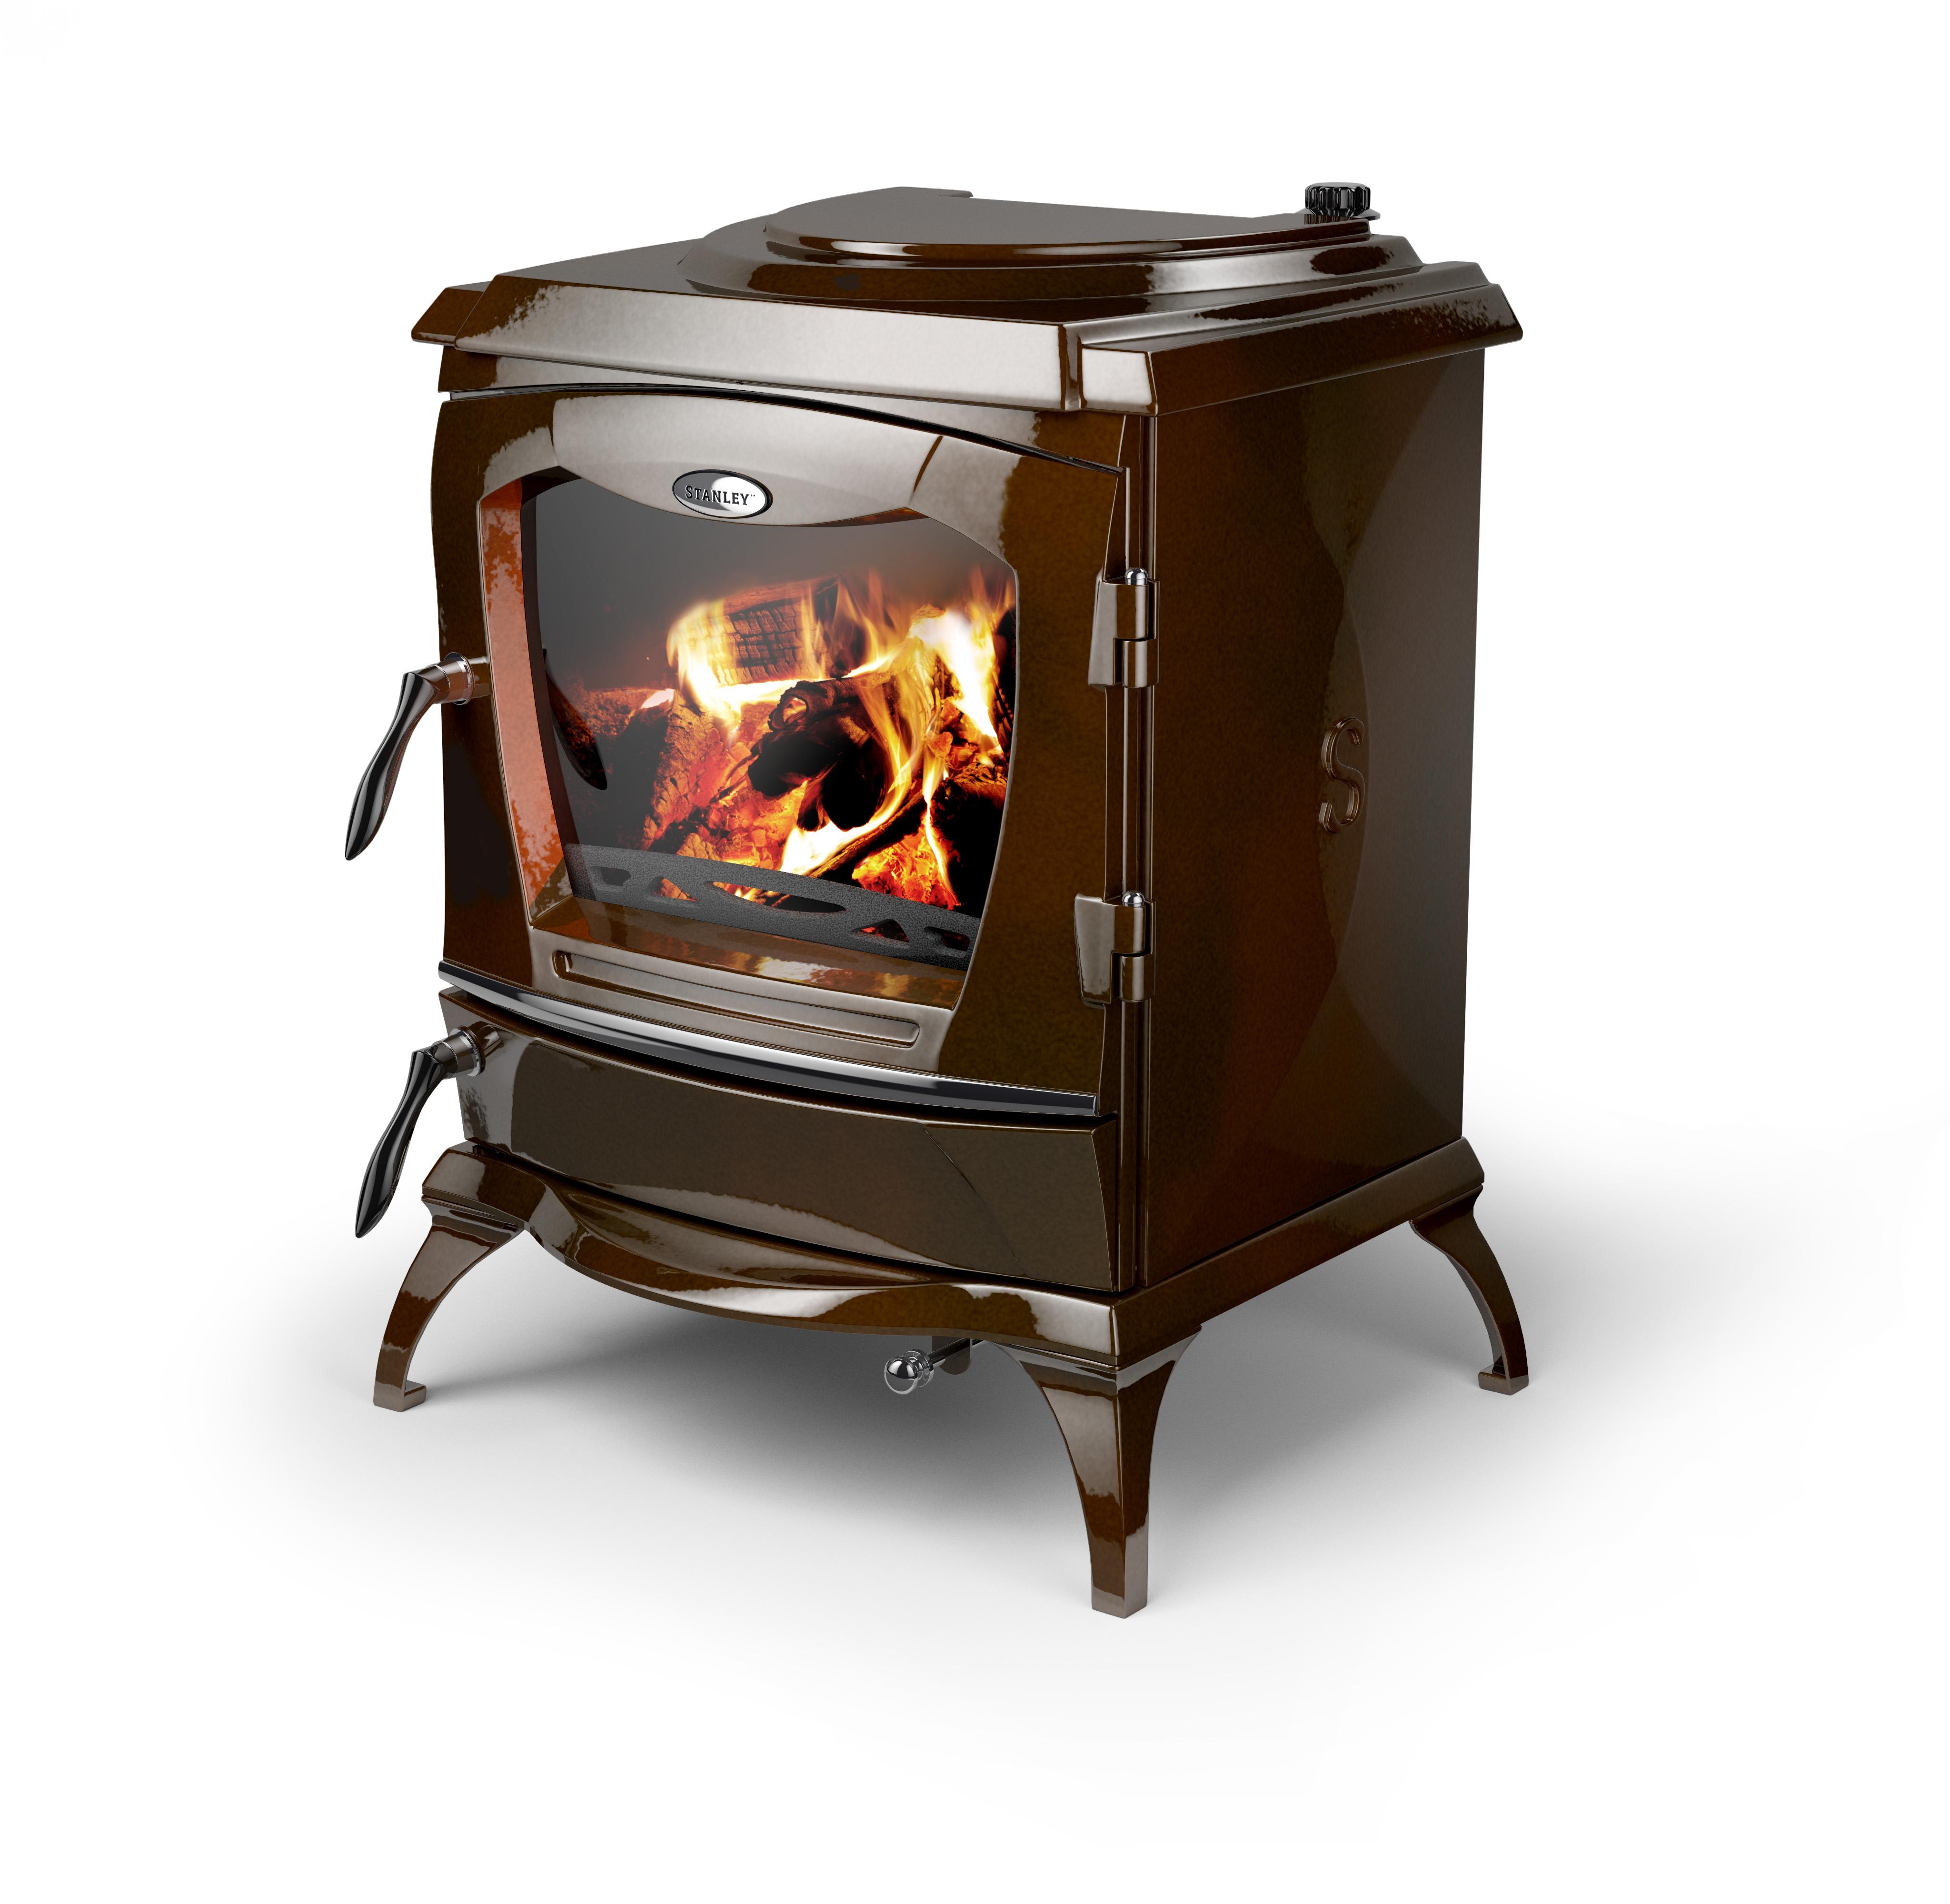 stanley lismore multi fuel boiler stove dalzells n ireland. Black Bedroom Furniture Sets. Home Design Ideas